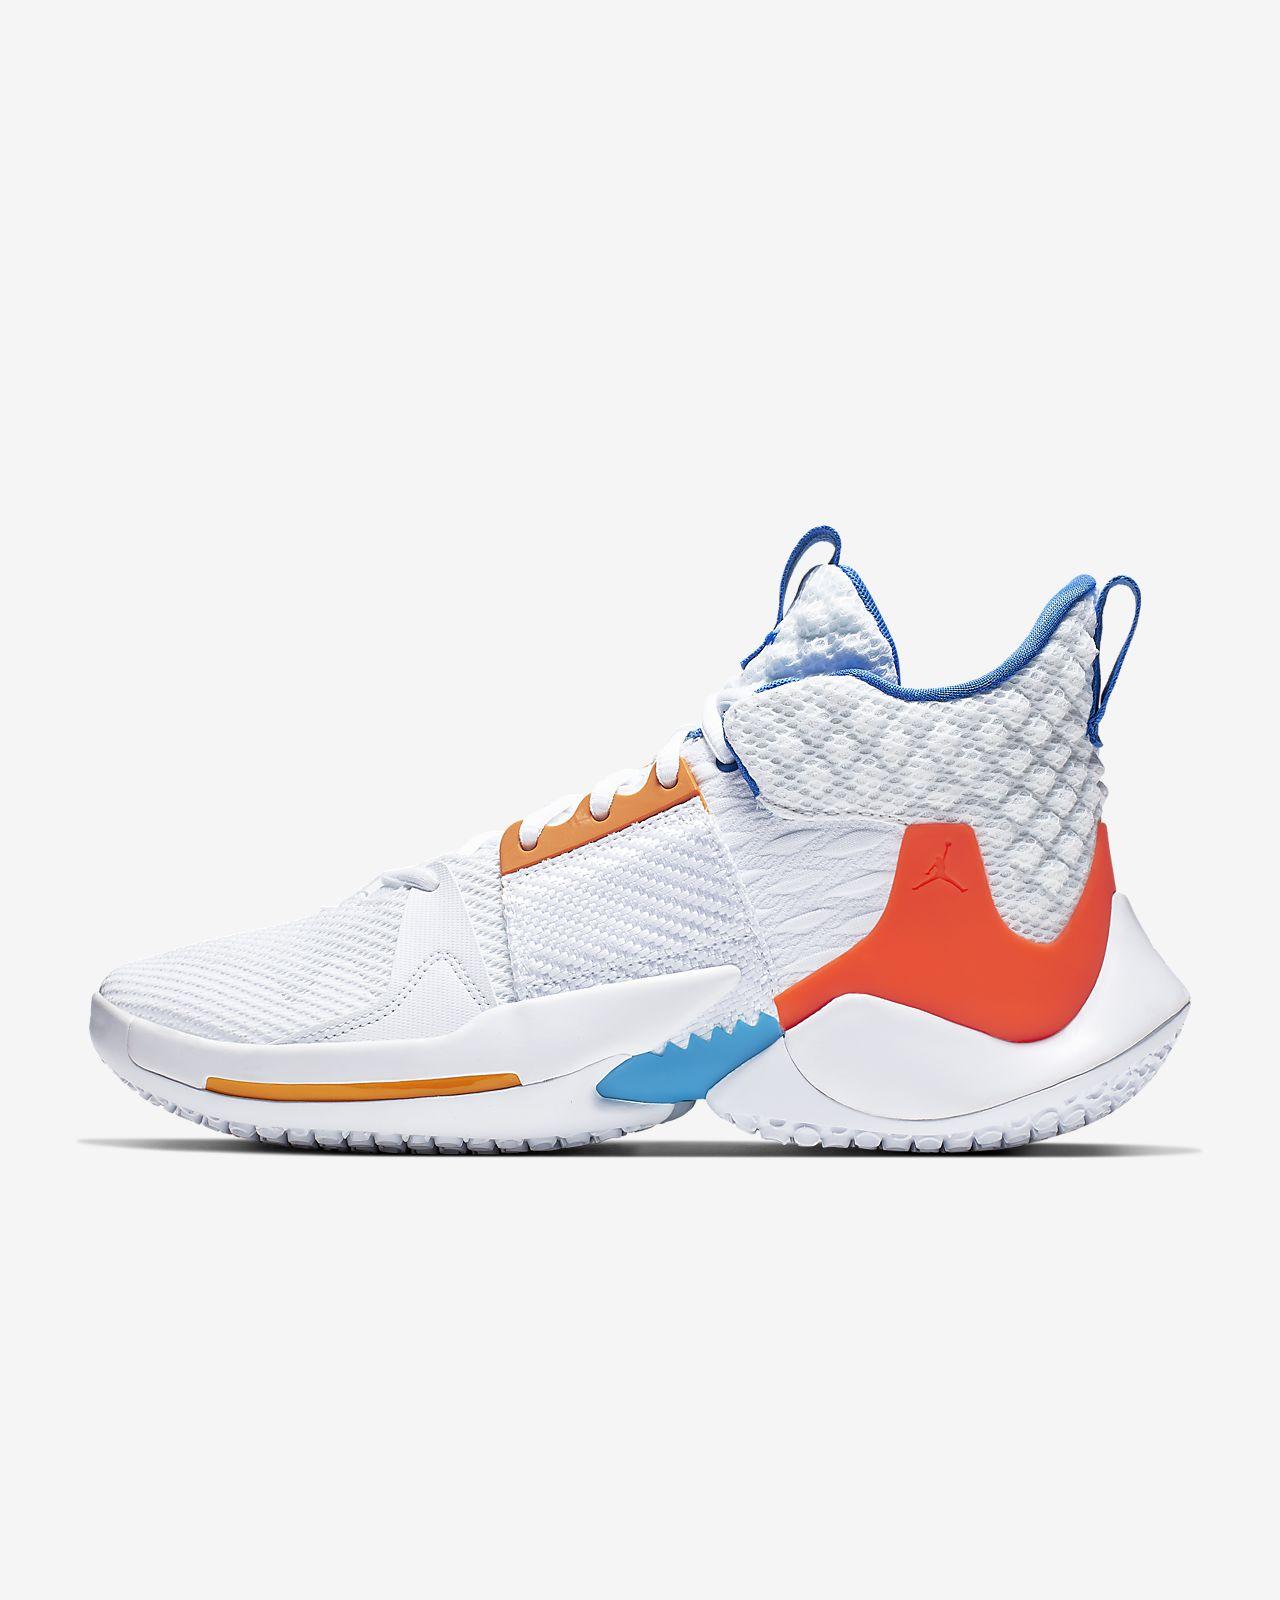 c0383f144c2d Jordan  Why Not   Zer0.2 Basketball Shoe. Nike.com LU